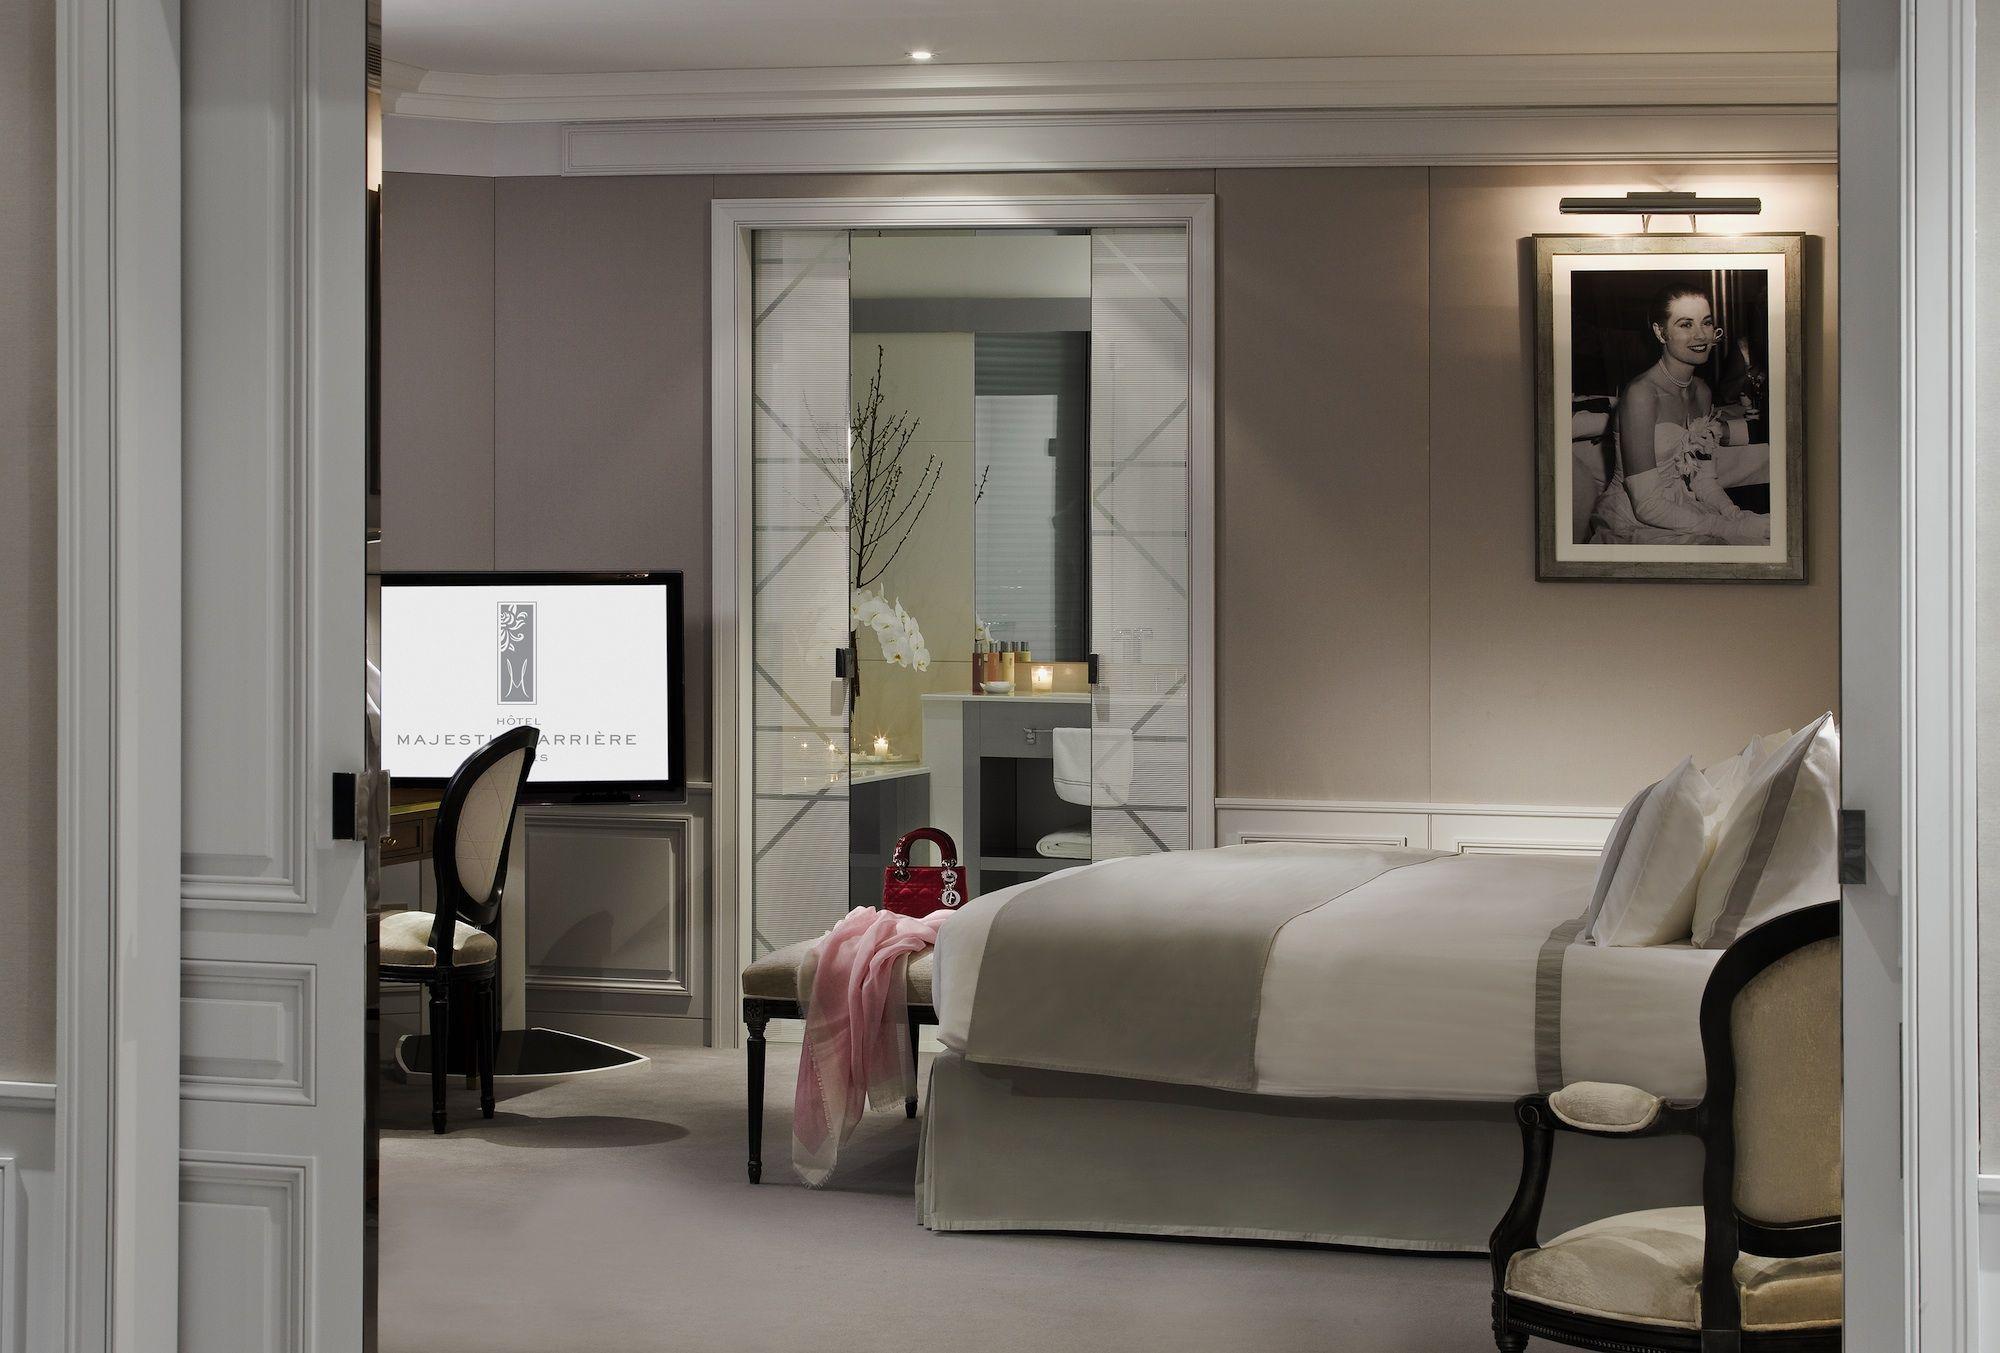 » Hôtel Majestic Barrière - Cannes, France